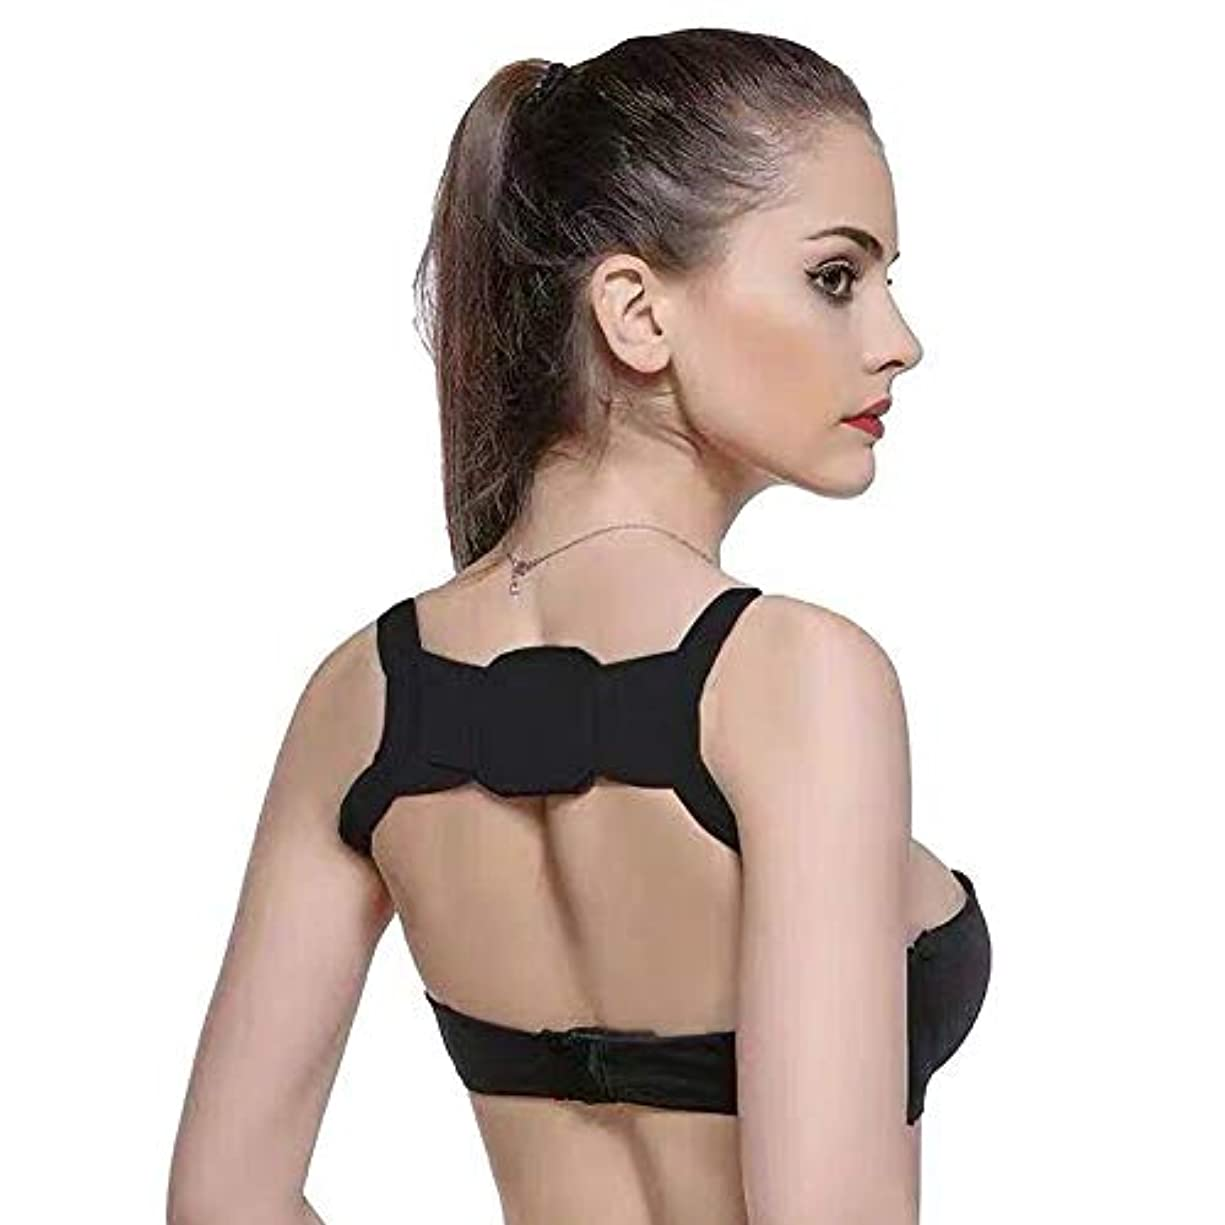 できない滑りやすい新年DZSW 女性&男性のためのバックポスチャコレクター - マジックステッカー調節可能な鎖骨バックブレース(ユニバーサル) (Color : Black, Size : Body weight (60-75Kg))